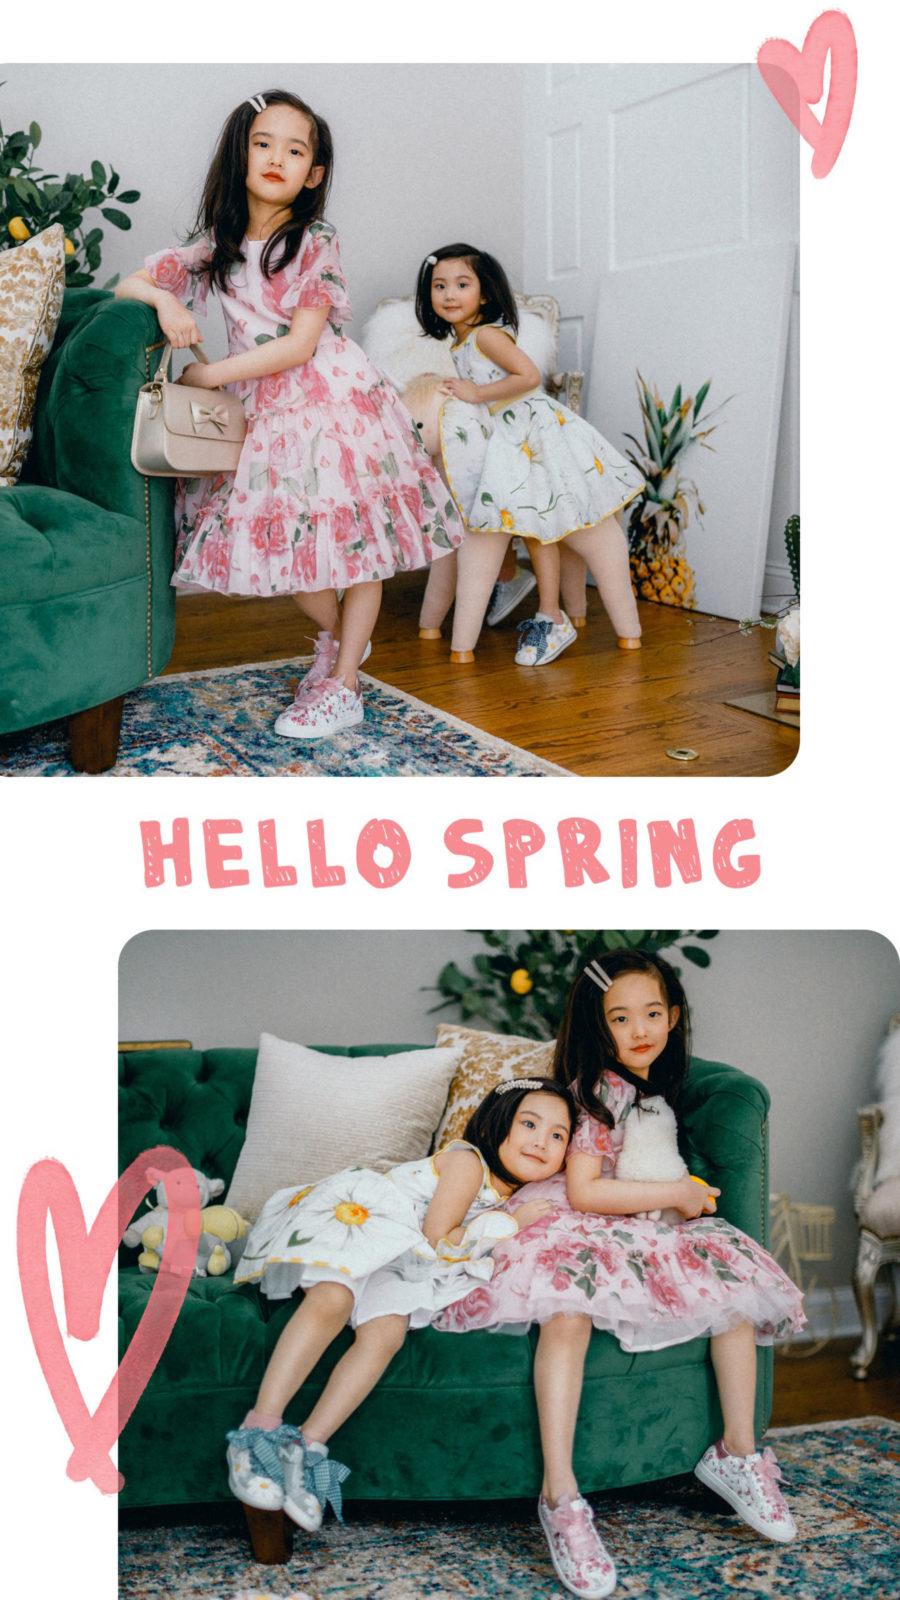 kids fashion trends for spring 2019 - kids floral dresses, kids fashion trends, melijoe kids clothing,cute kids dresses // Notjessfashion.com